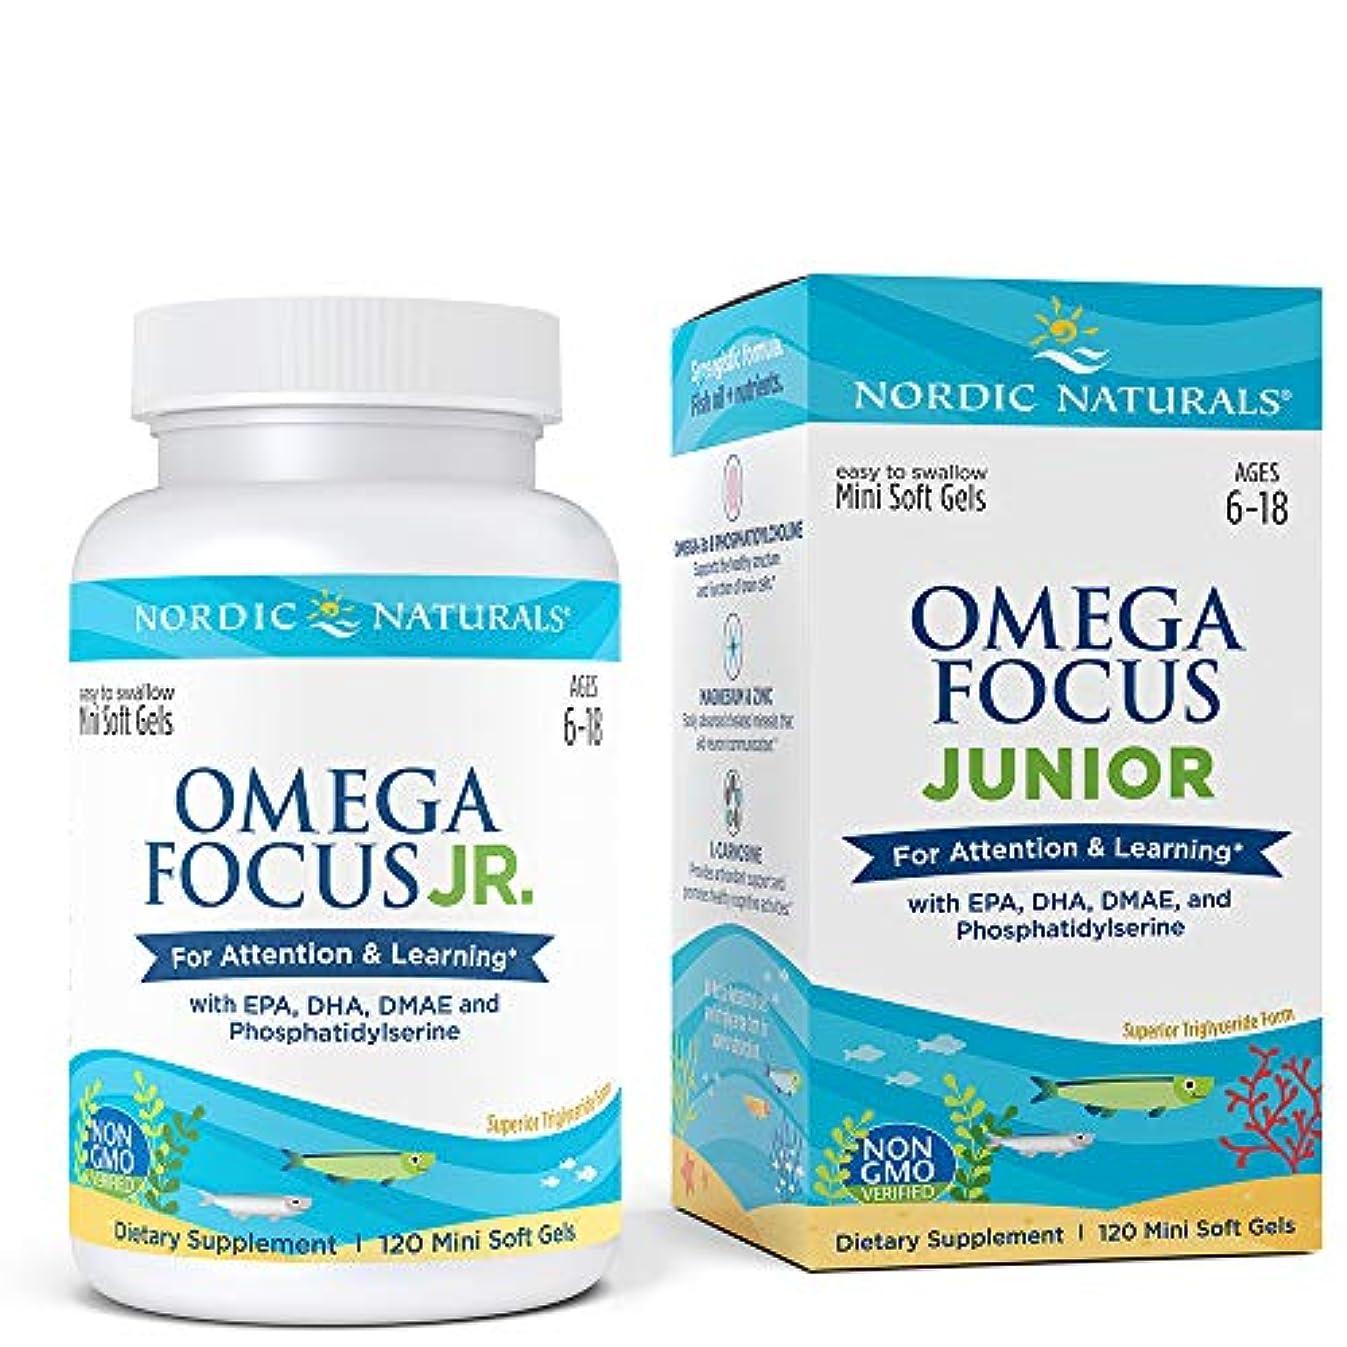 フラスコ前書き争うNordic Naturals Omega Focus Junior オメガ フォーカス ジュニア ソフトカプセル 120錠 [海外直送品]